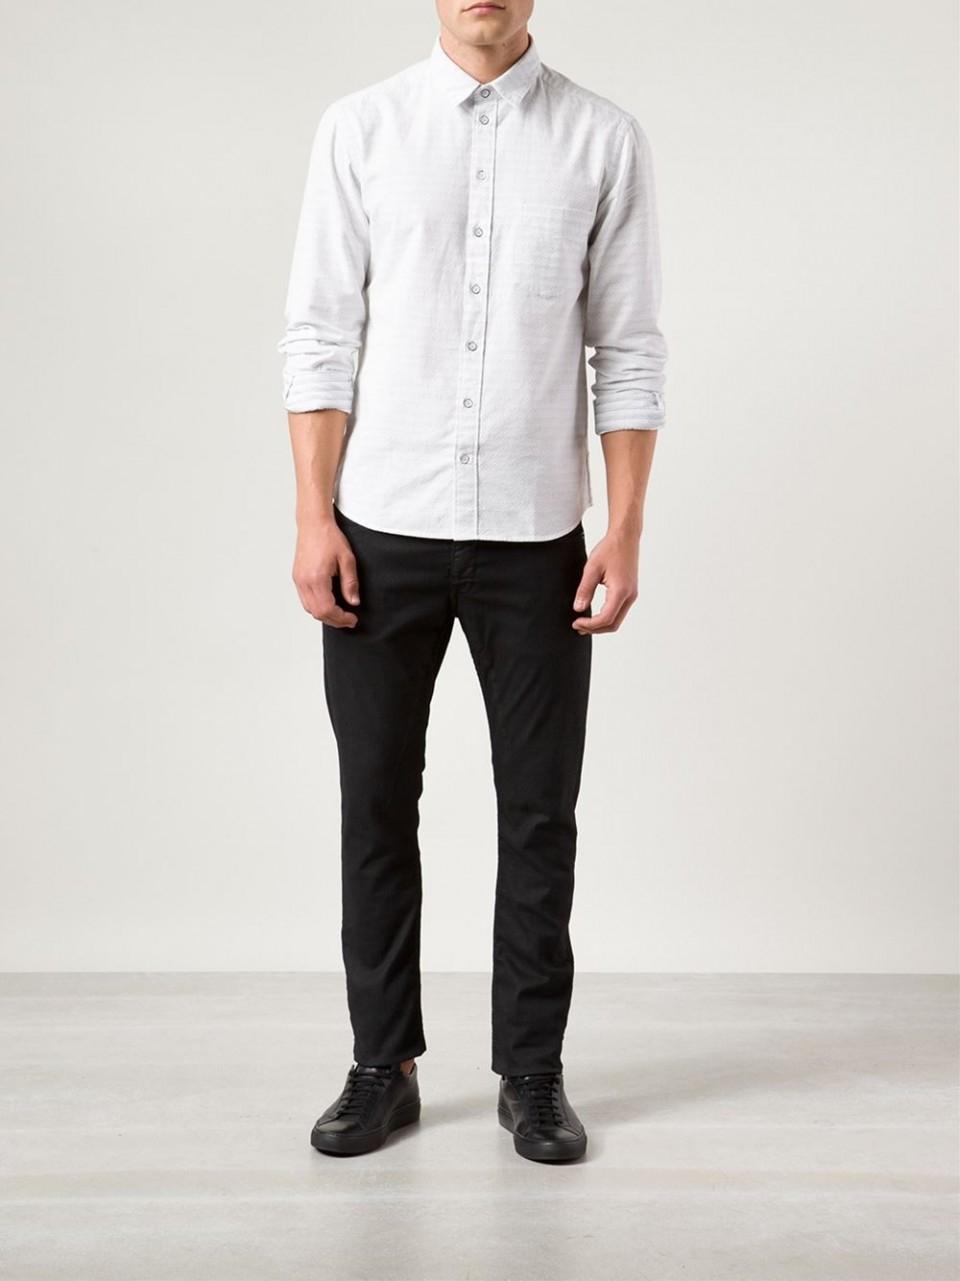 Rag bone dune shirt in white for men lyst for Rag bone shirt